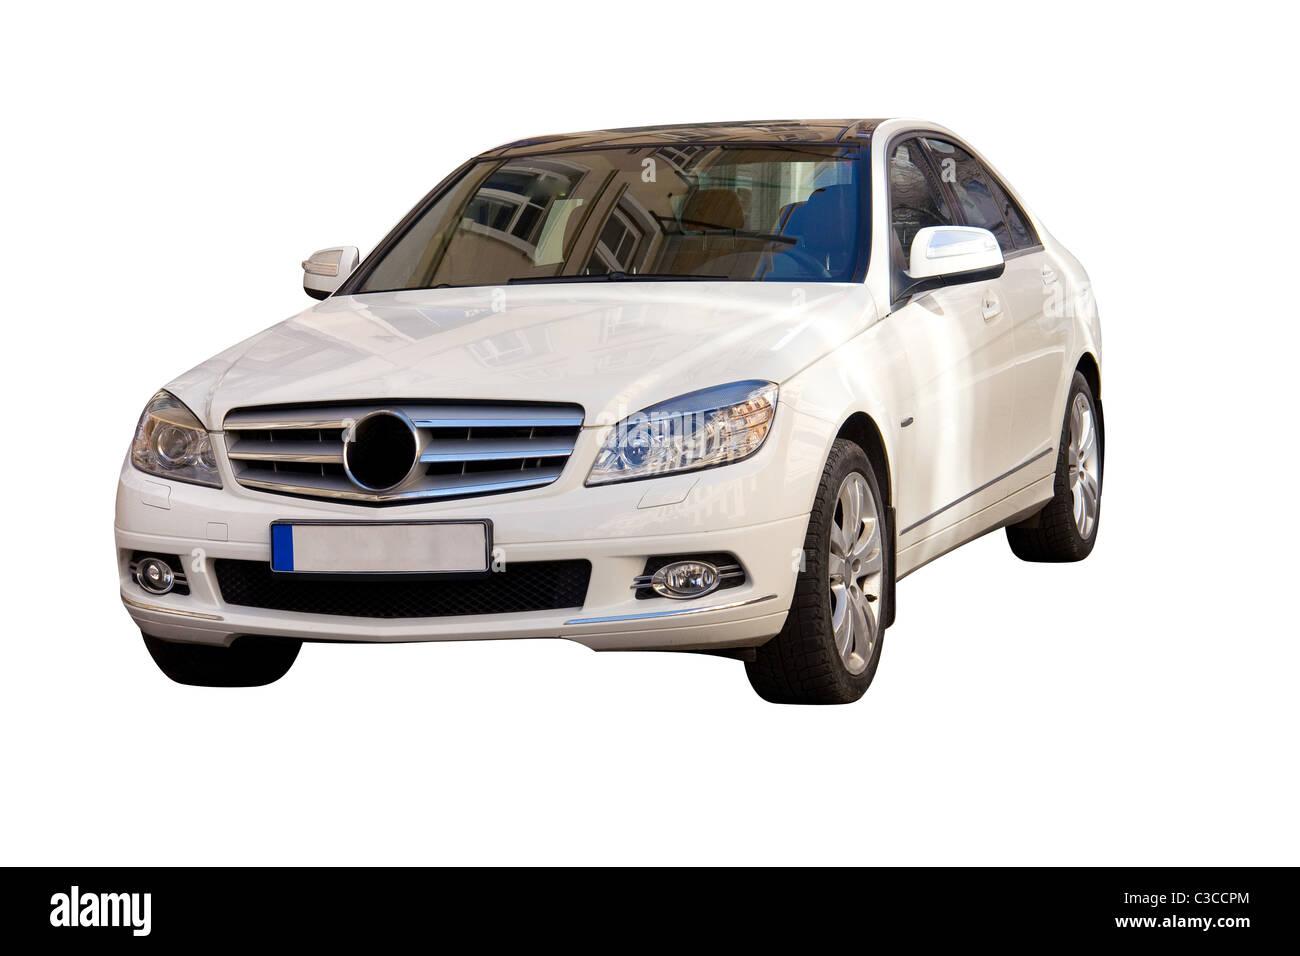 Nuovo e moderno di colore bianco auto di famiglia su sfondo bianco Immagini Stock